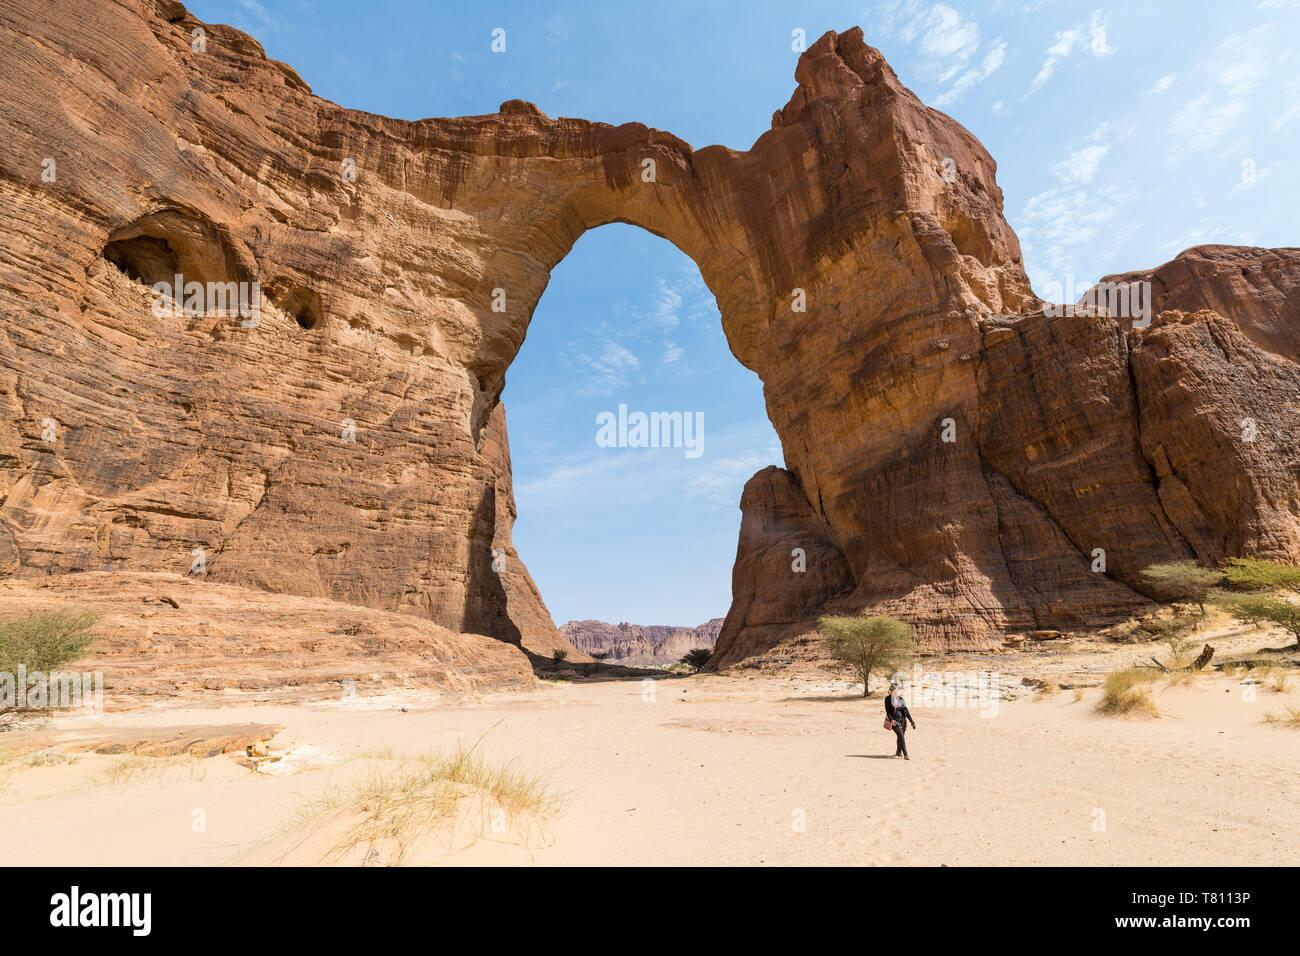 Tercer arco de roca más grande en el mundo, la Meseta de Ennedi, Sitio del Patrimonio Mundial de la UNESCO, la región de Ennedi, Chad, África Foto de stock